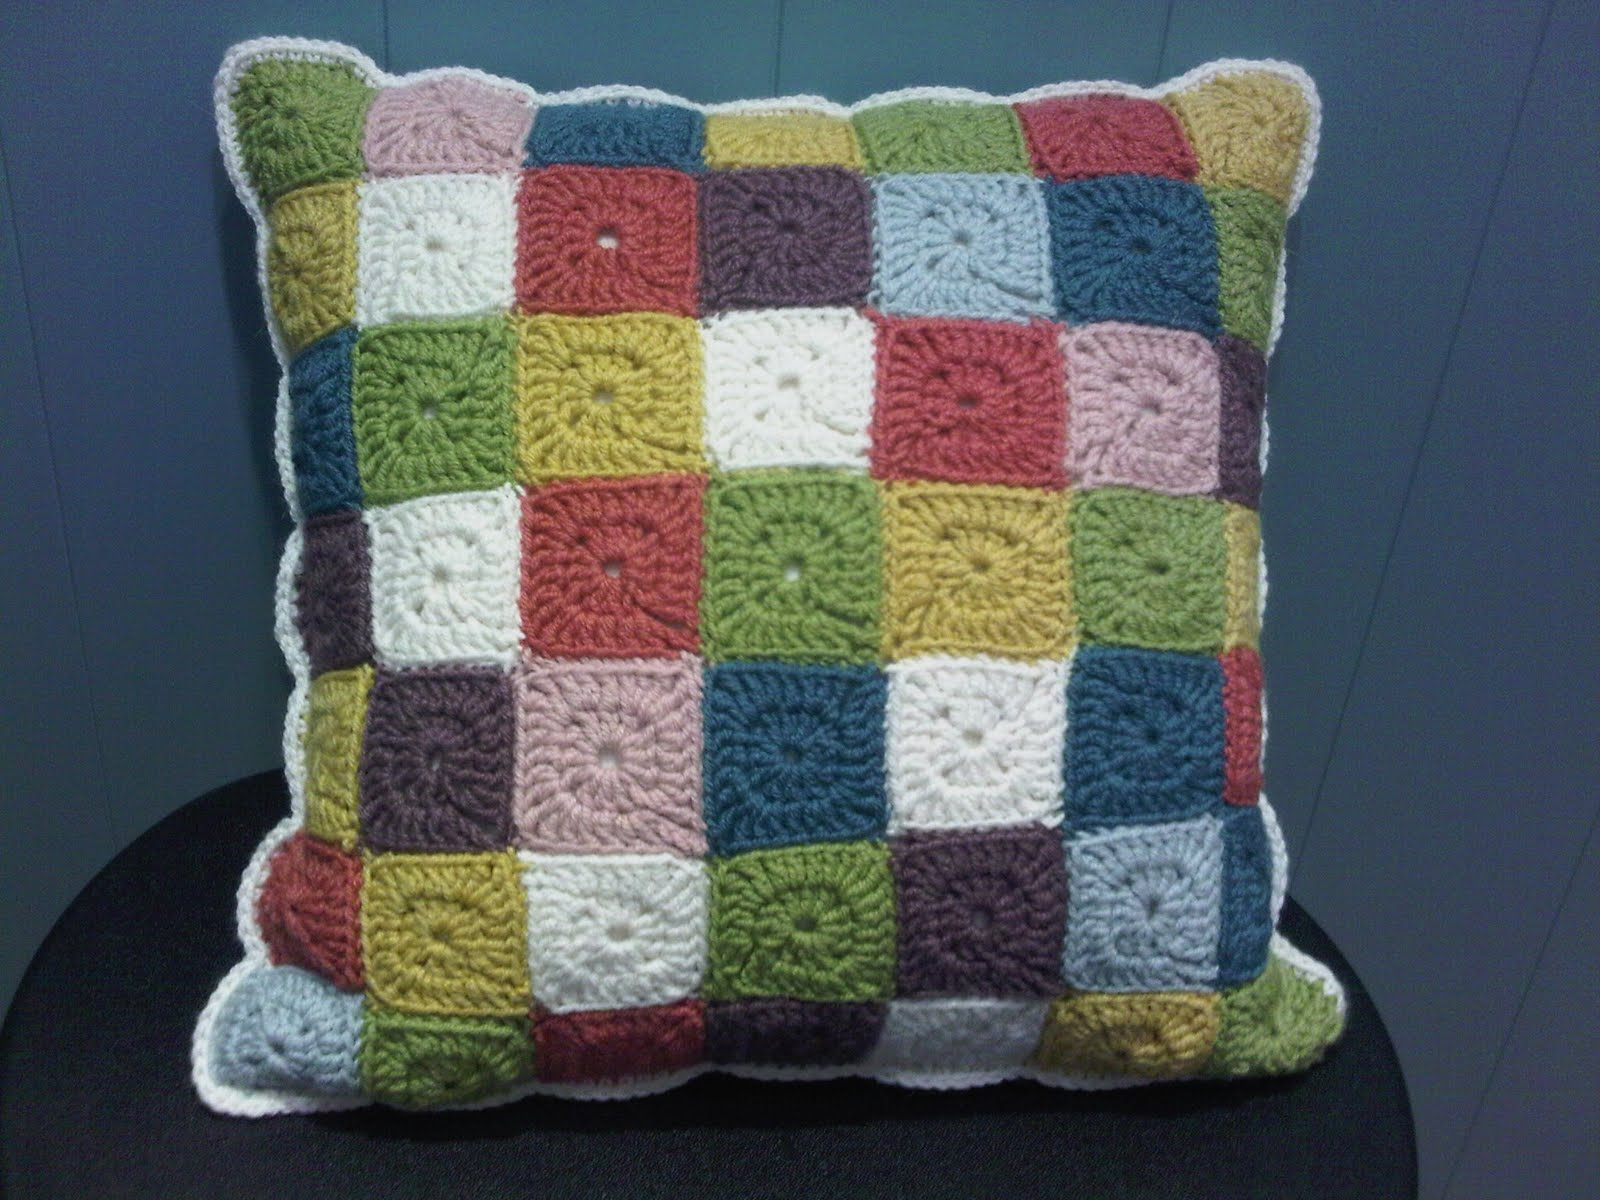 Crochet Patterns Patchwork Quilt : patchwork/crochet mash-up